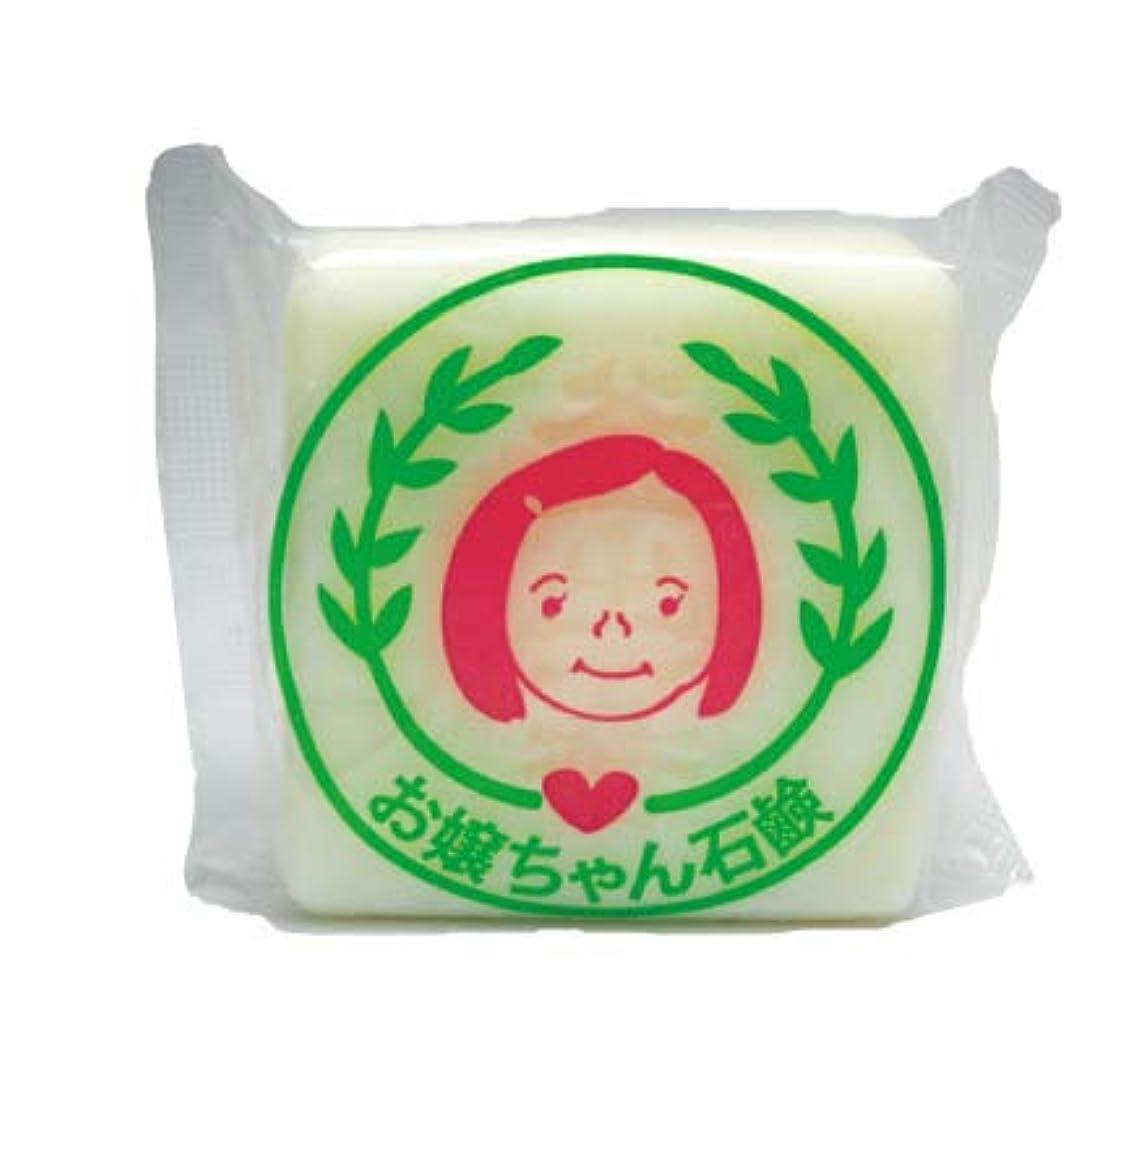 バレル用量欠伸新しいお嬢ちゃん石鹸(100g)